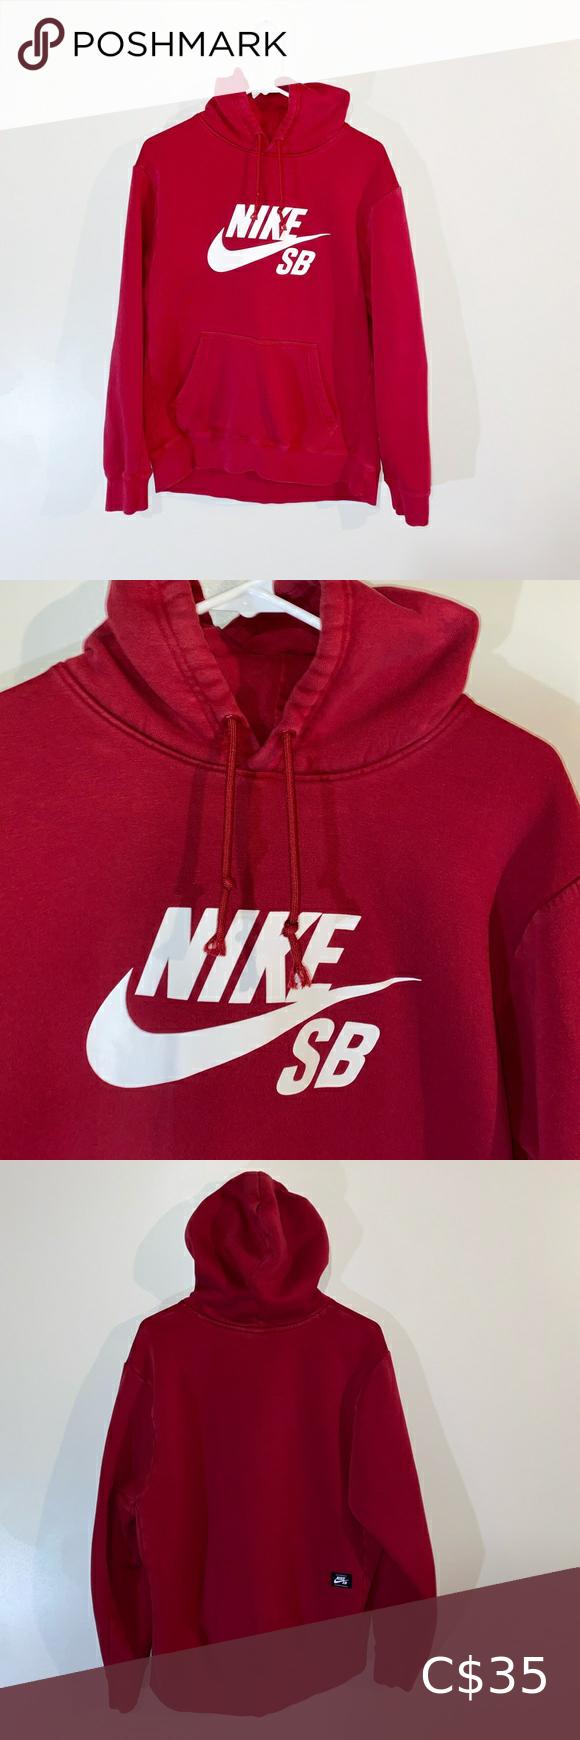 Nike Sb Hoodie Red Hoodies Red Hoodie Vintage Hoodies [ 1740 x 580 Pixel ]